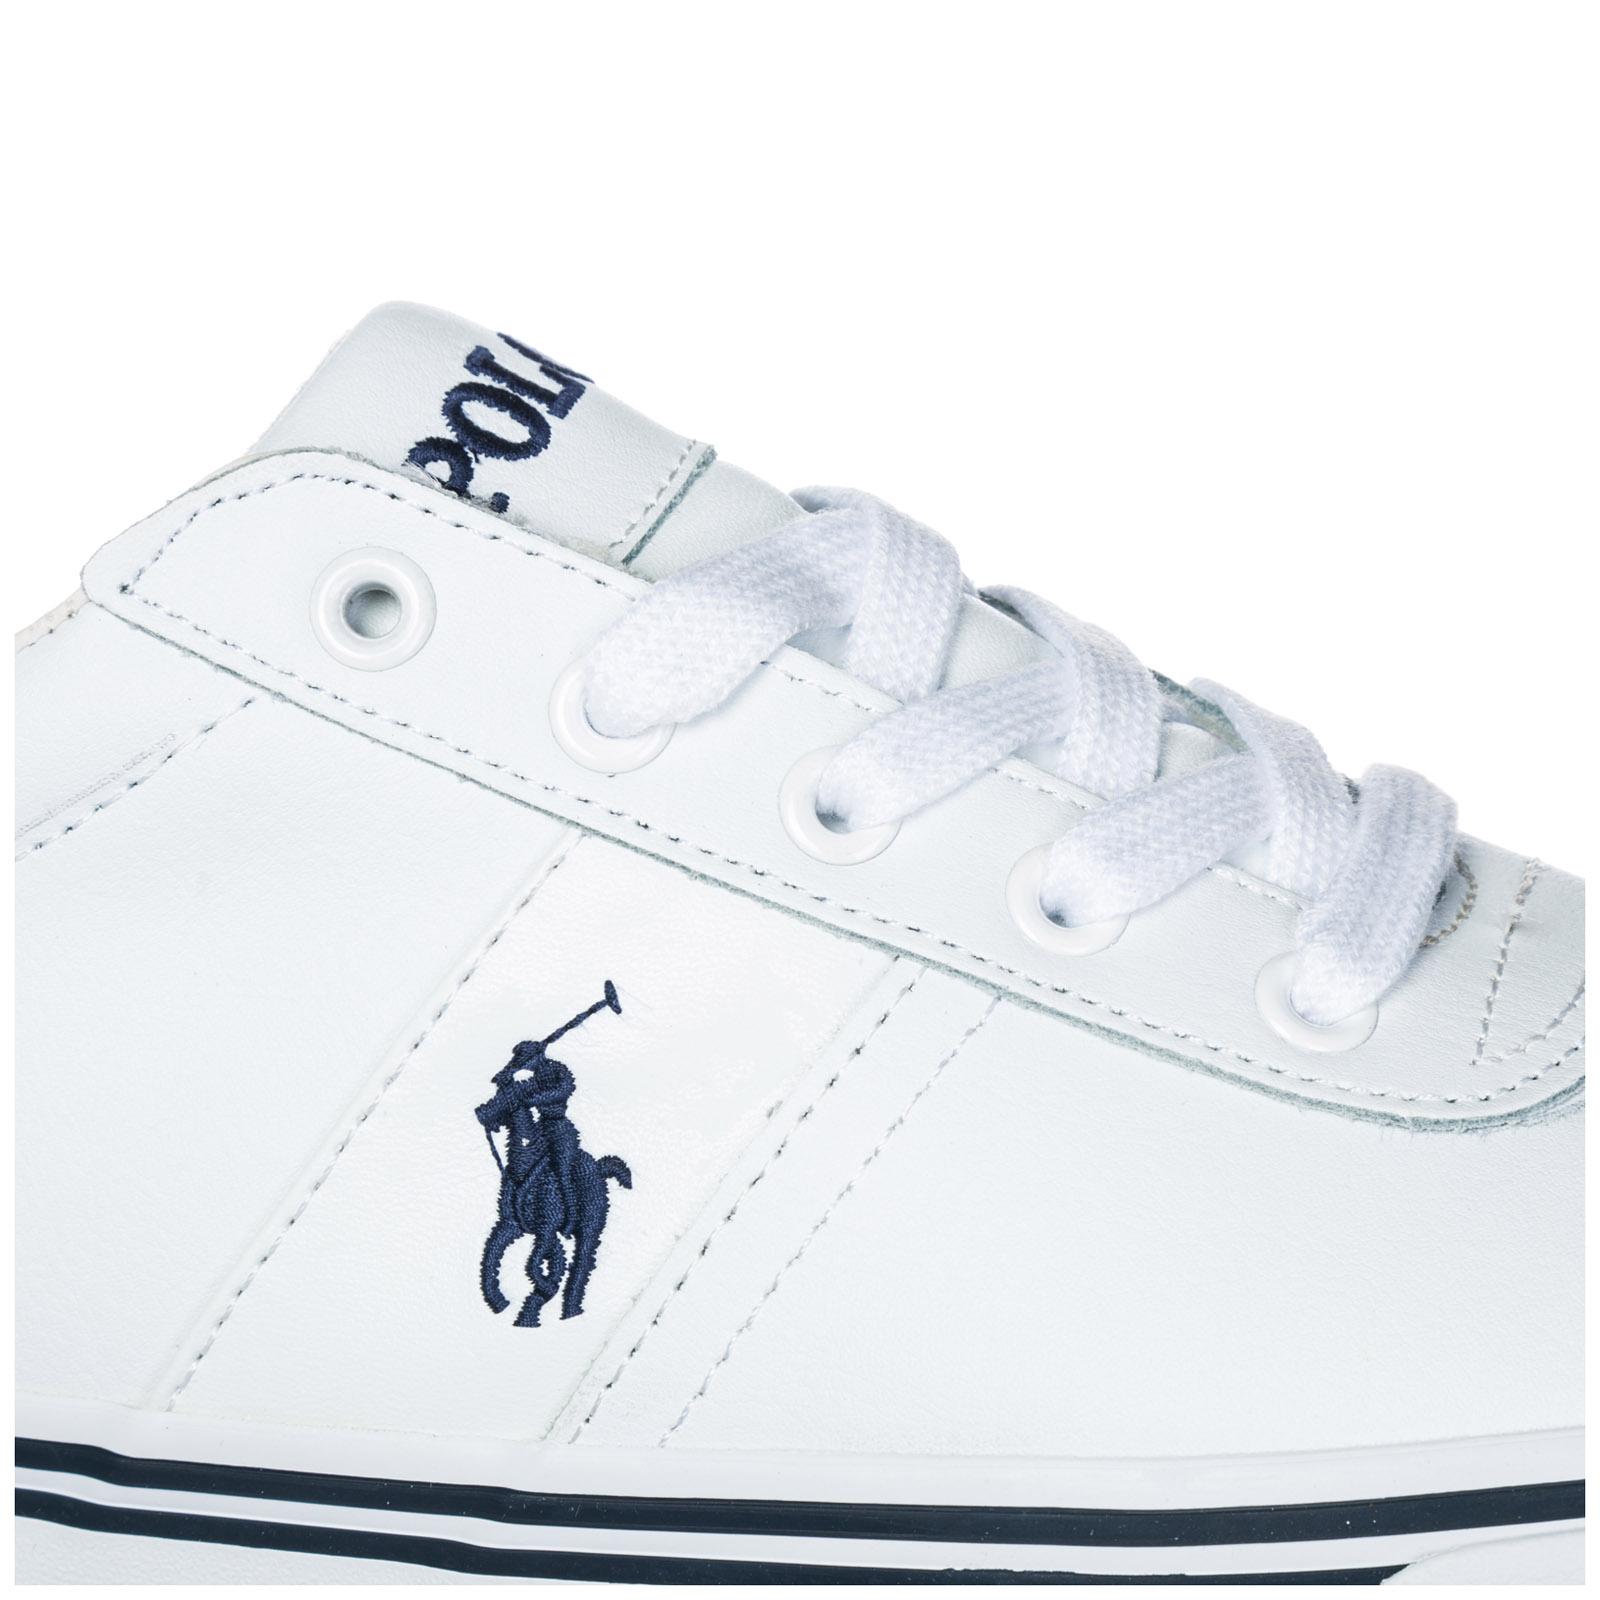 Hanford Homme Sneakers Baskets En Chaussures Cuir W9EH2DI